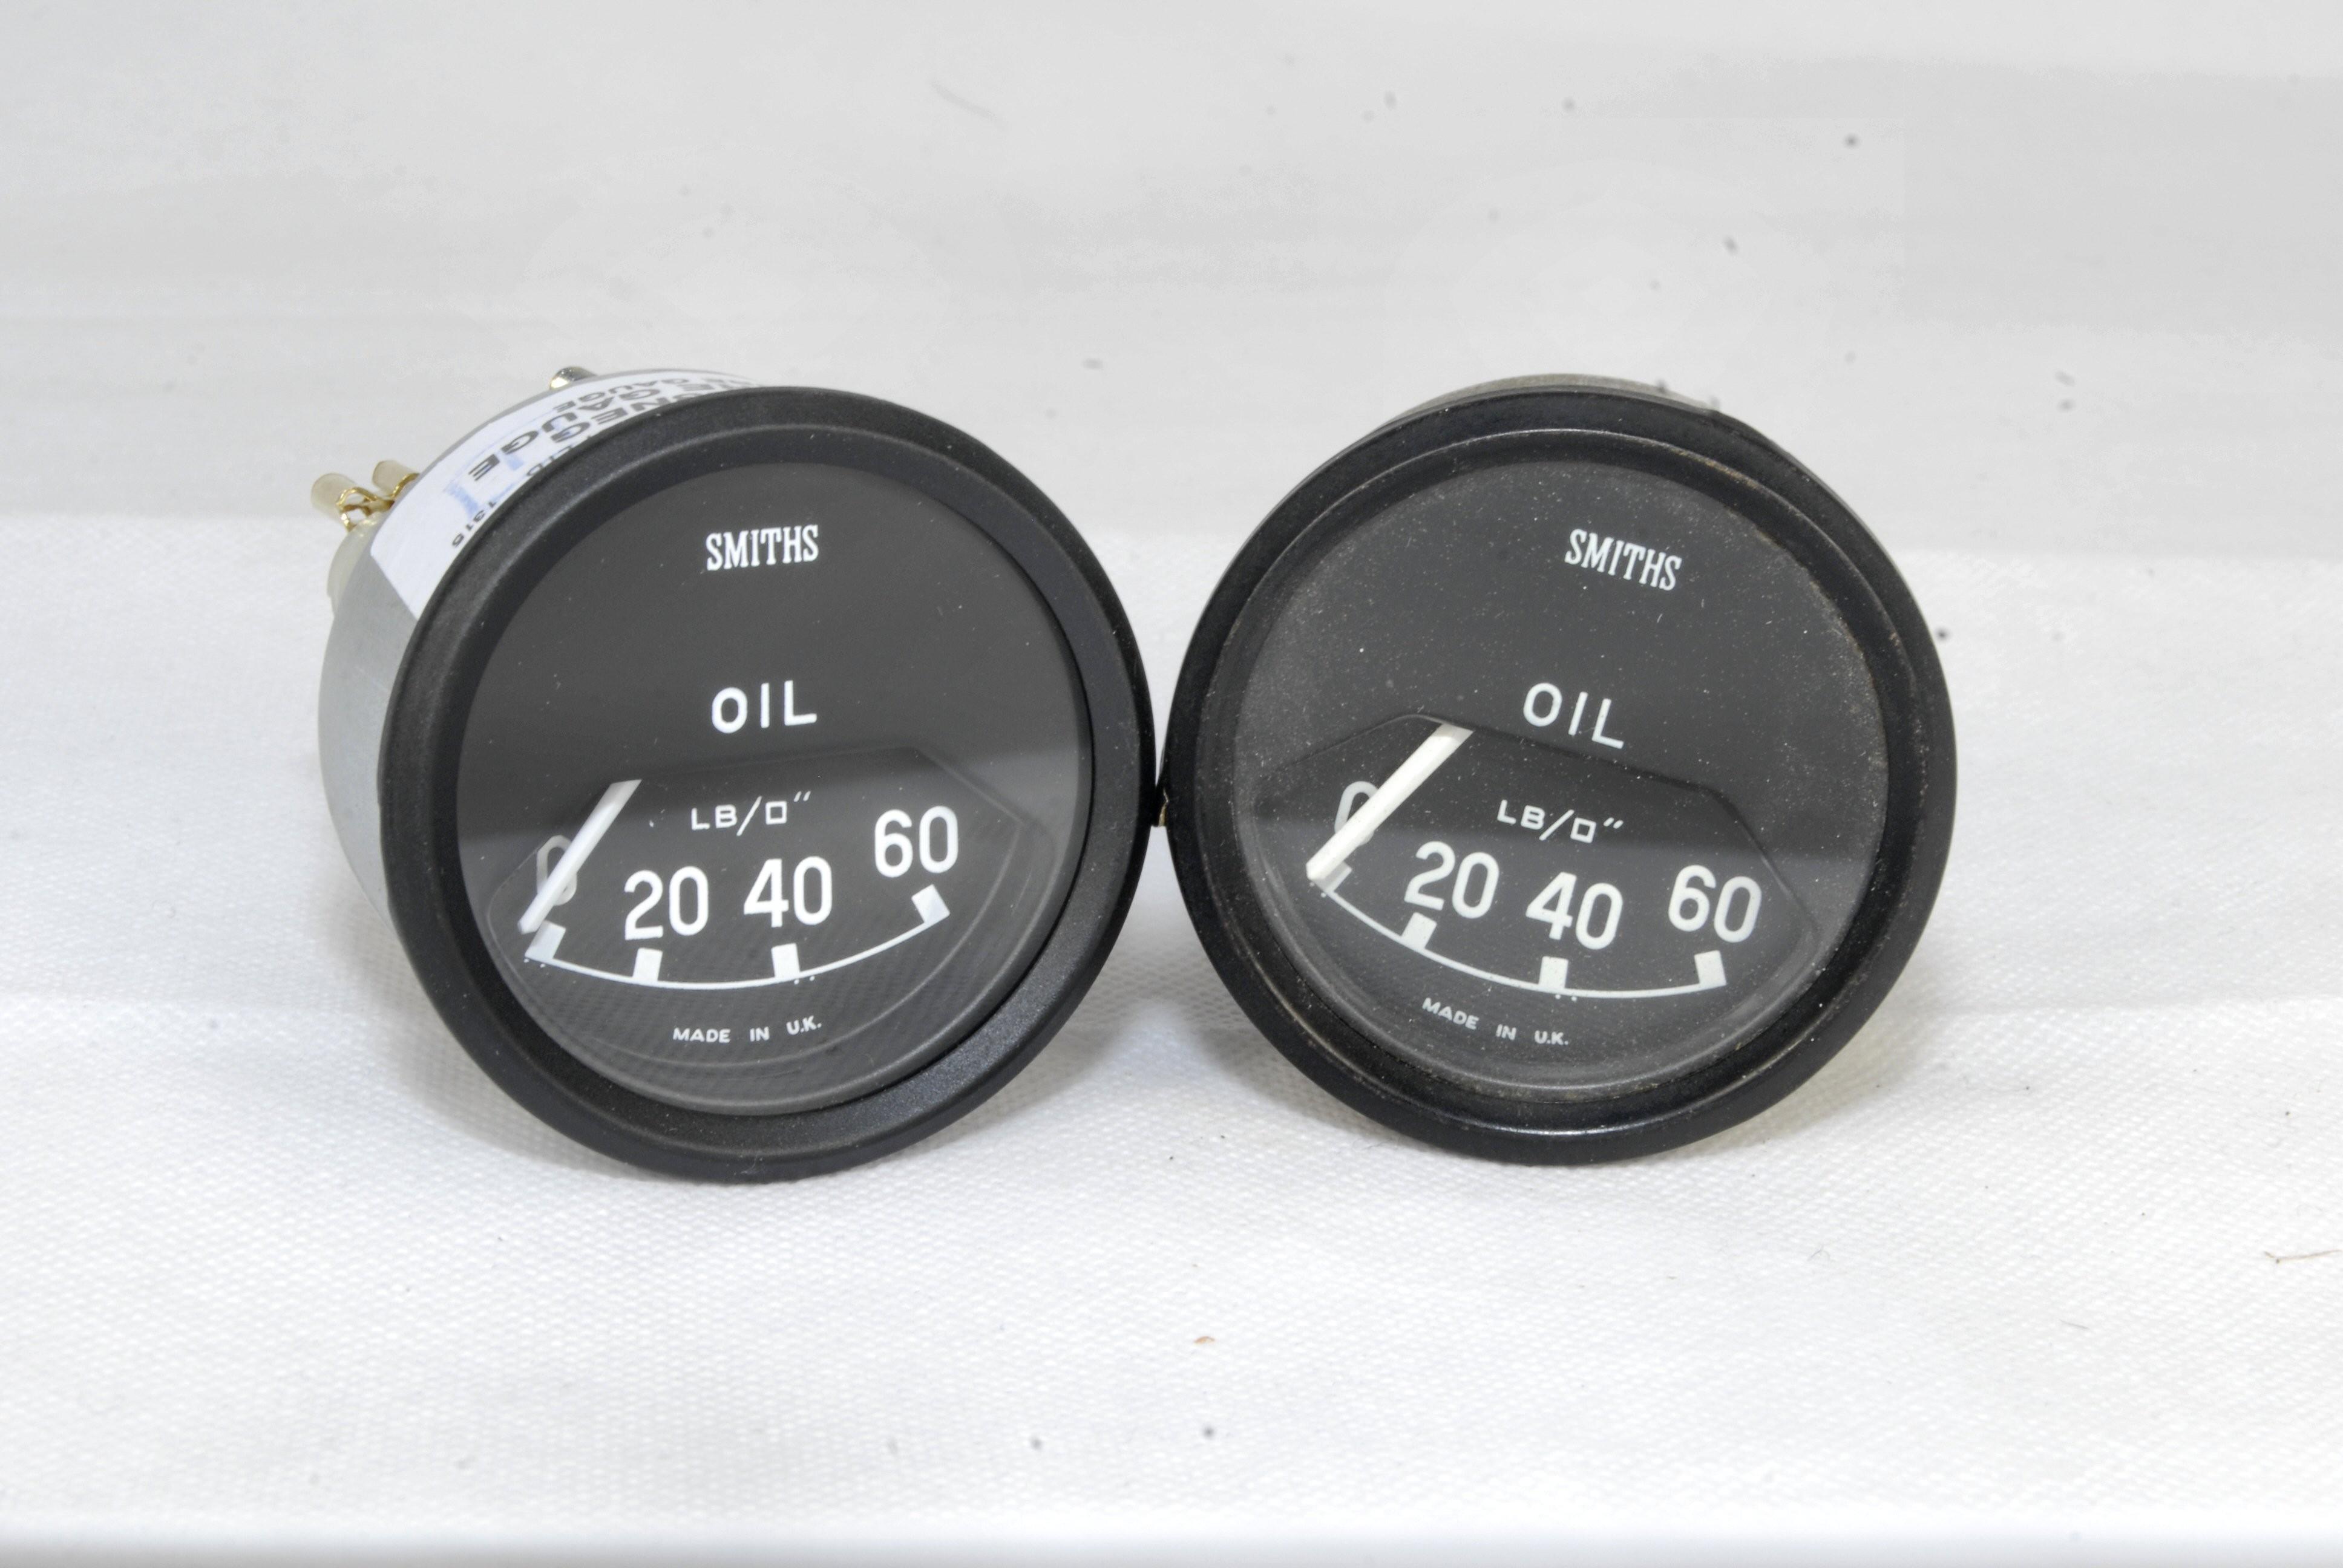 c18641e_oil_pressure_negearth_1 Surprising Tvr Griffith Oil Pressure Sender Cars Trend